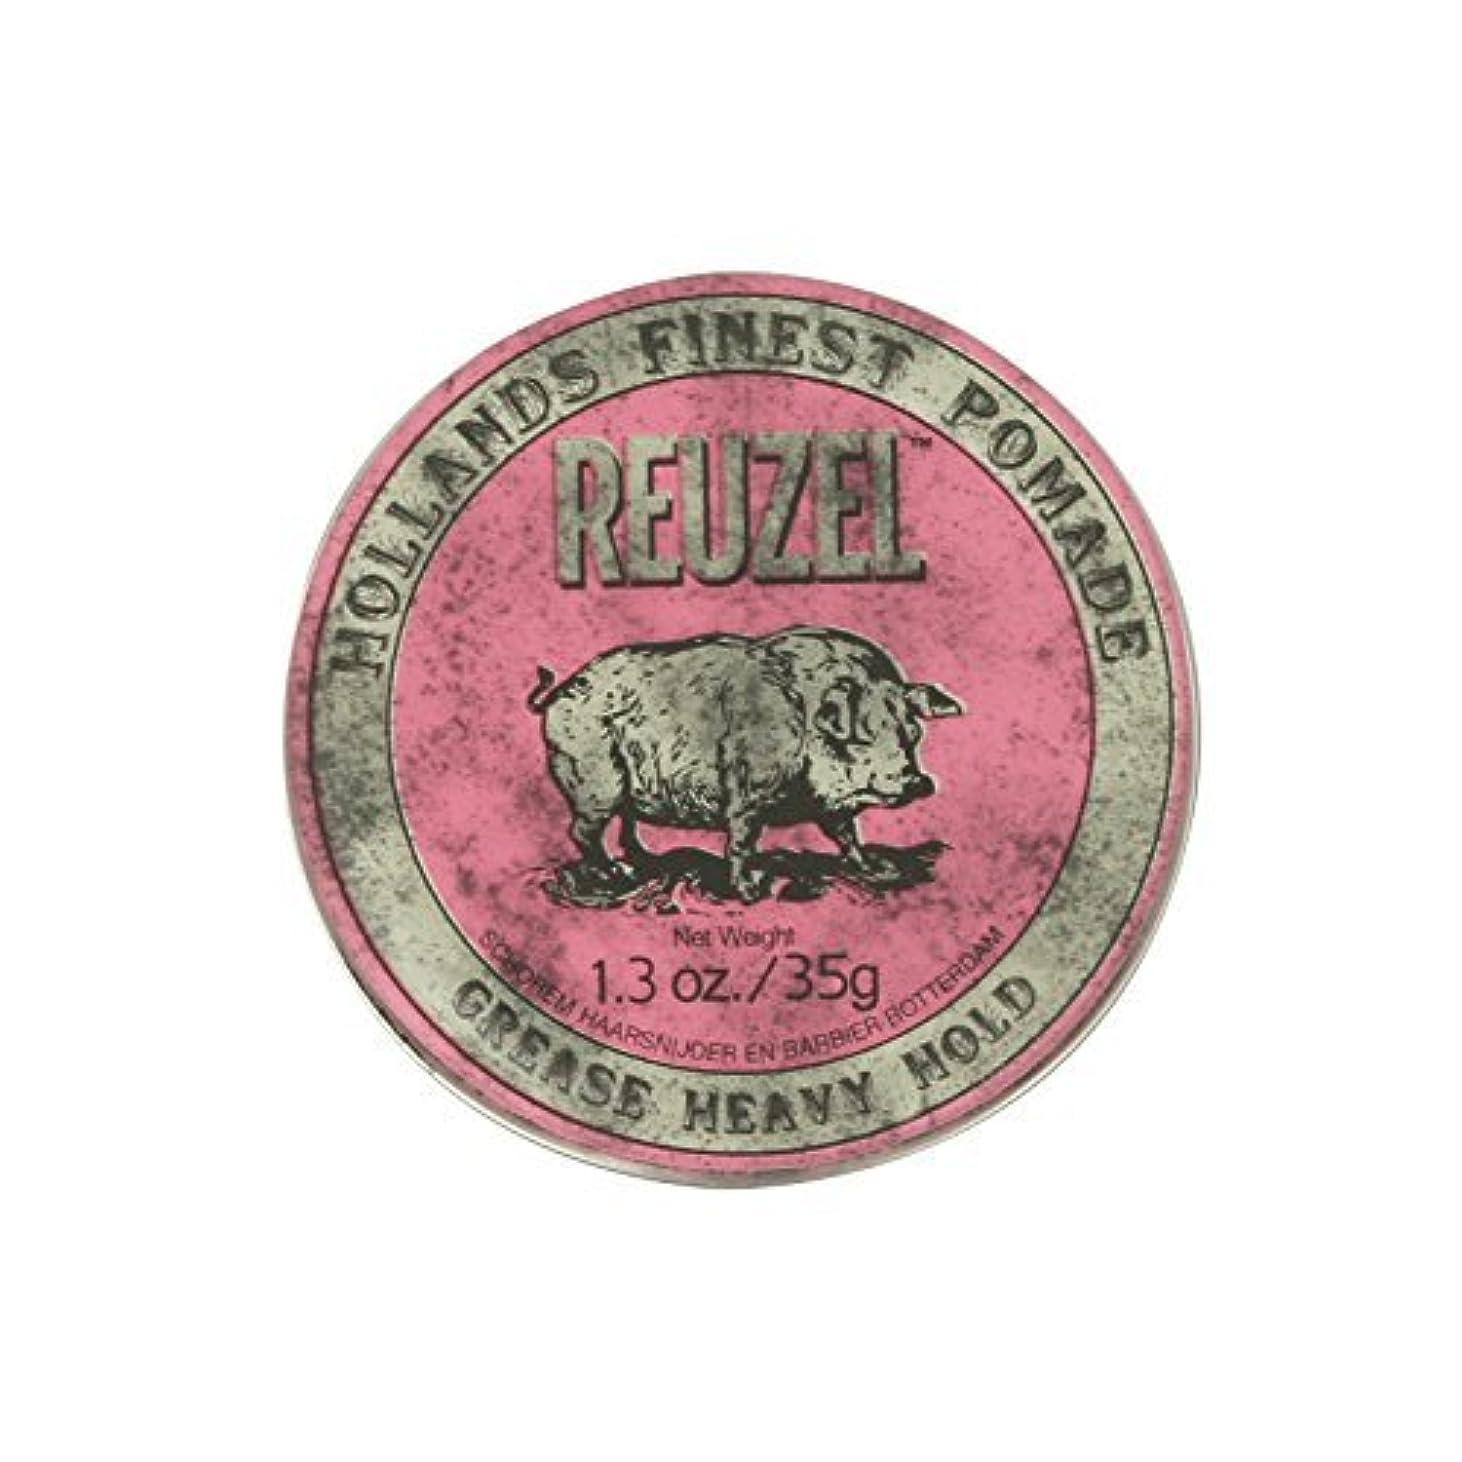 上院議員遡る一貫したReuzel Pink Grease Heavy Hold Pomade Piglet 1.3oz by REUZEL [並行輸入品]